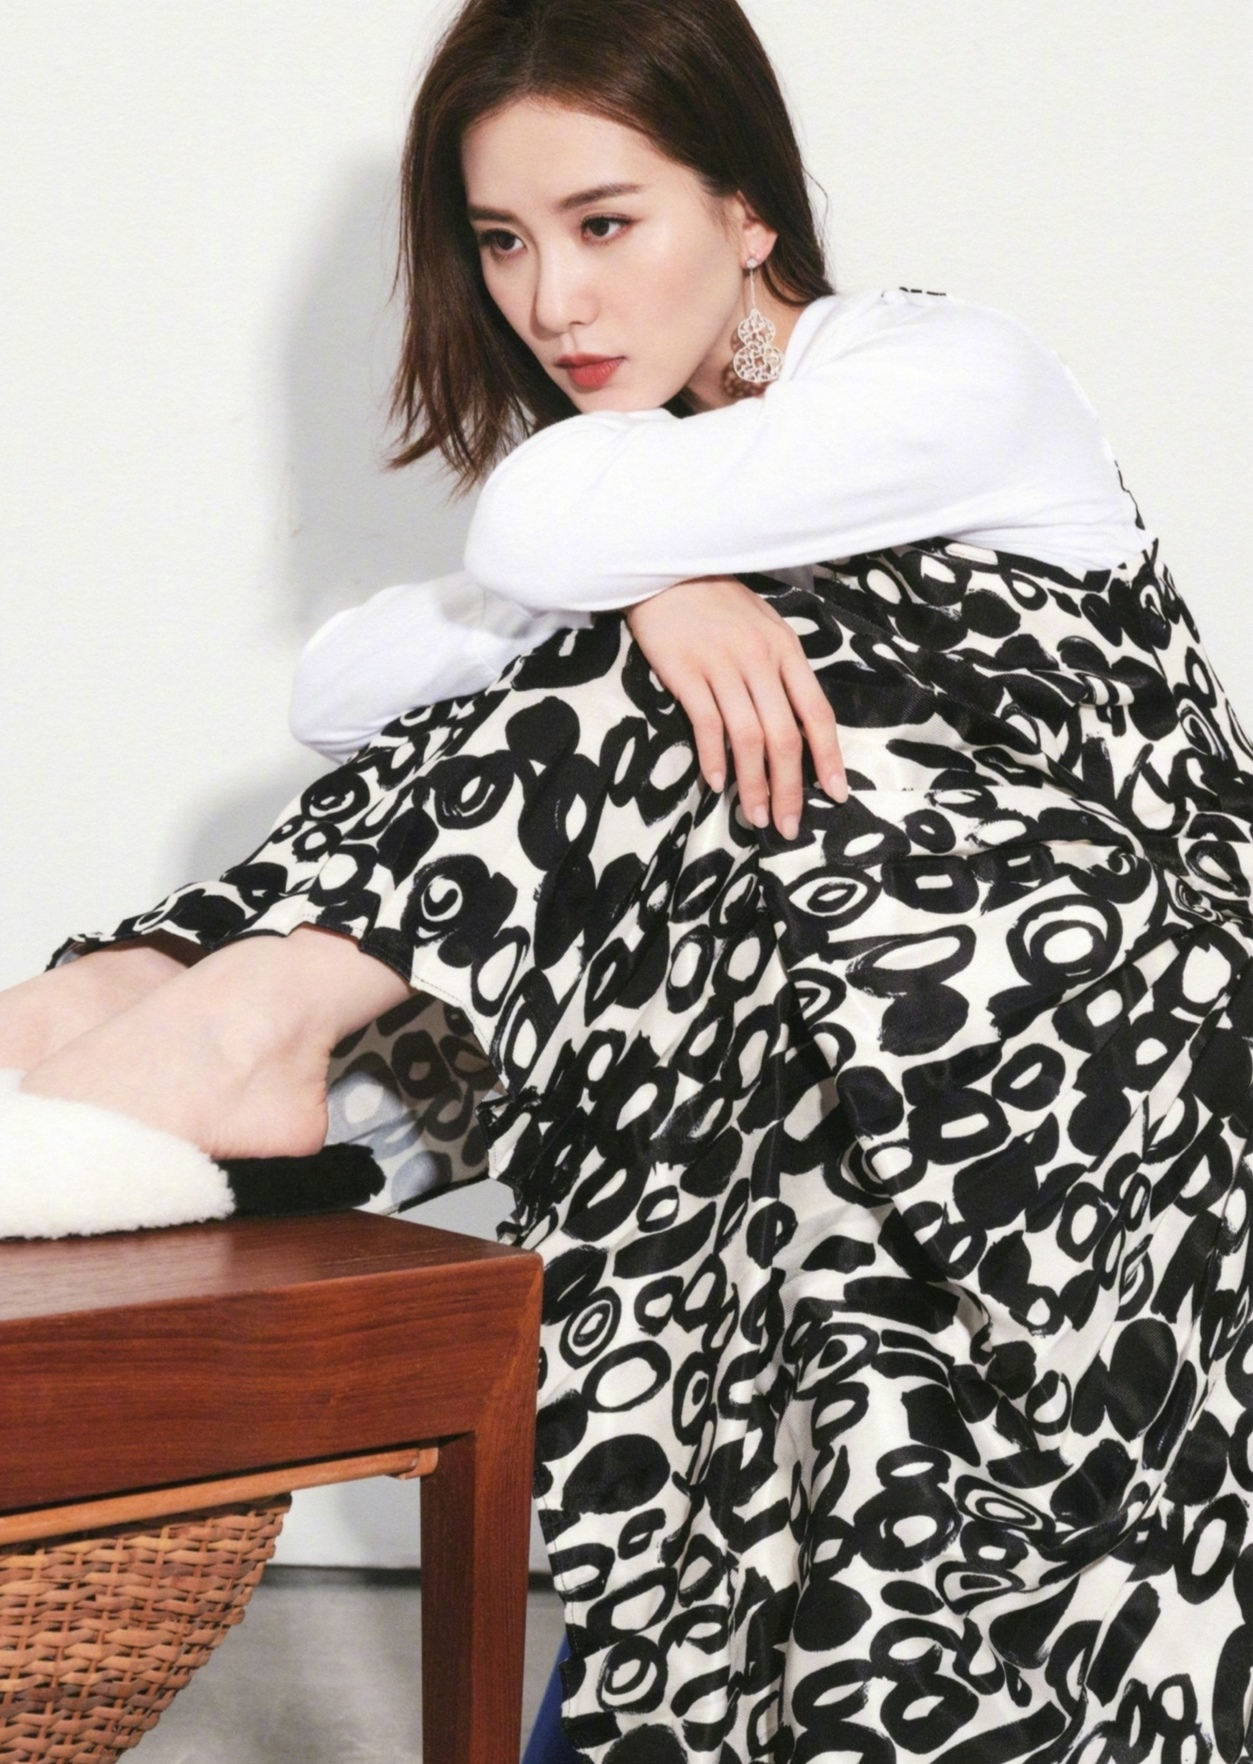 刘诗诗穿初秋长裙打造文艺女神风格,宋茜挑战时尚穿搭,潮流帅气